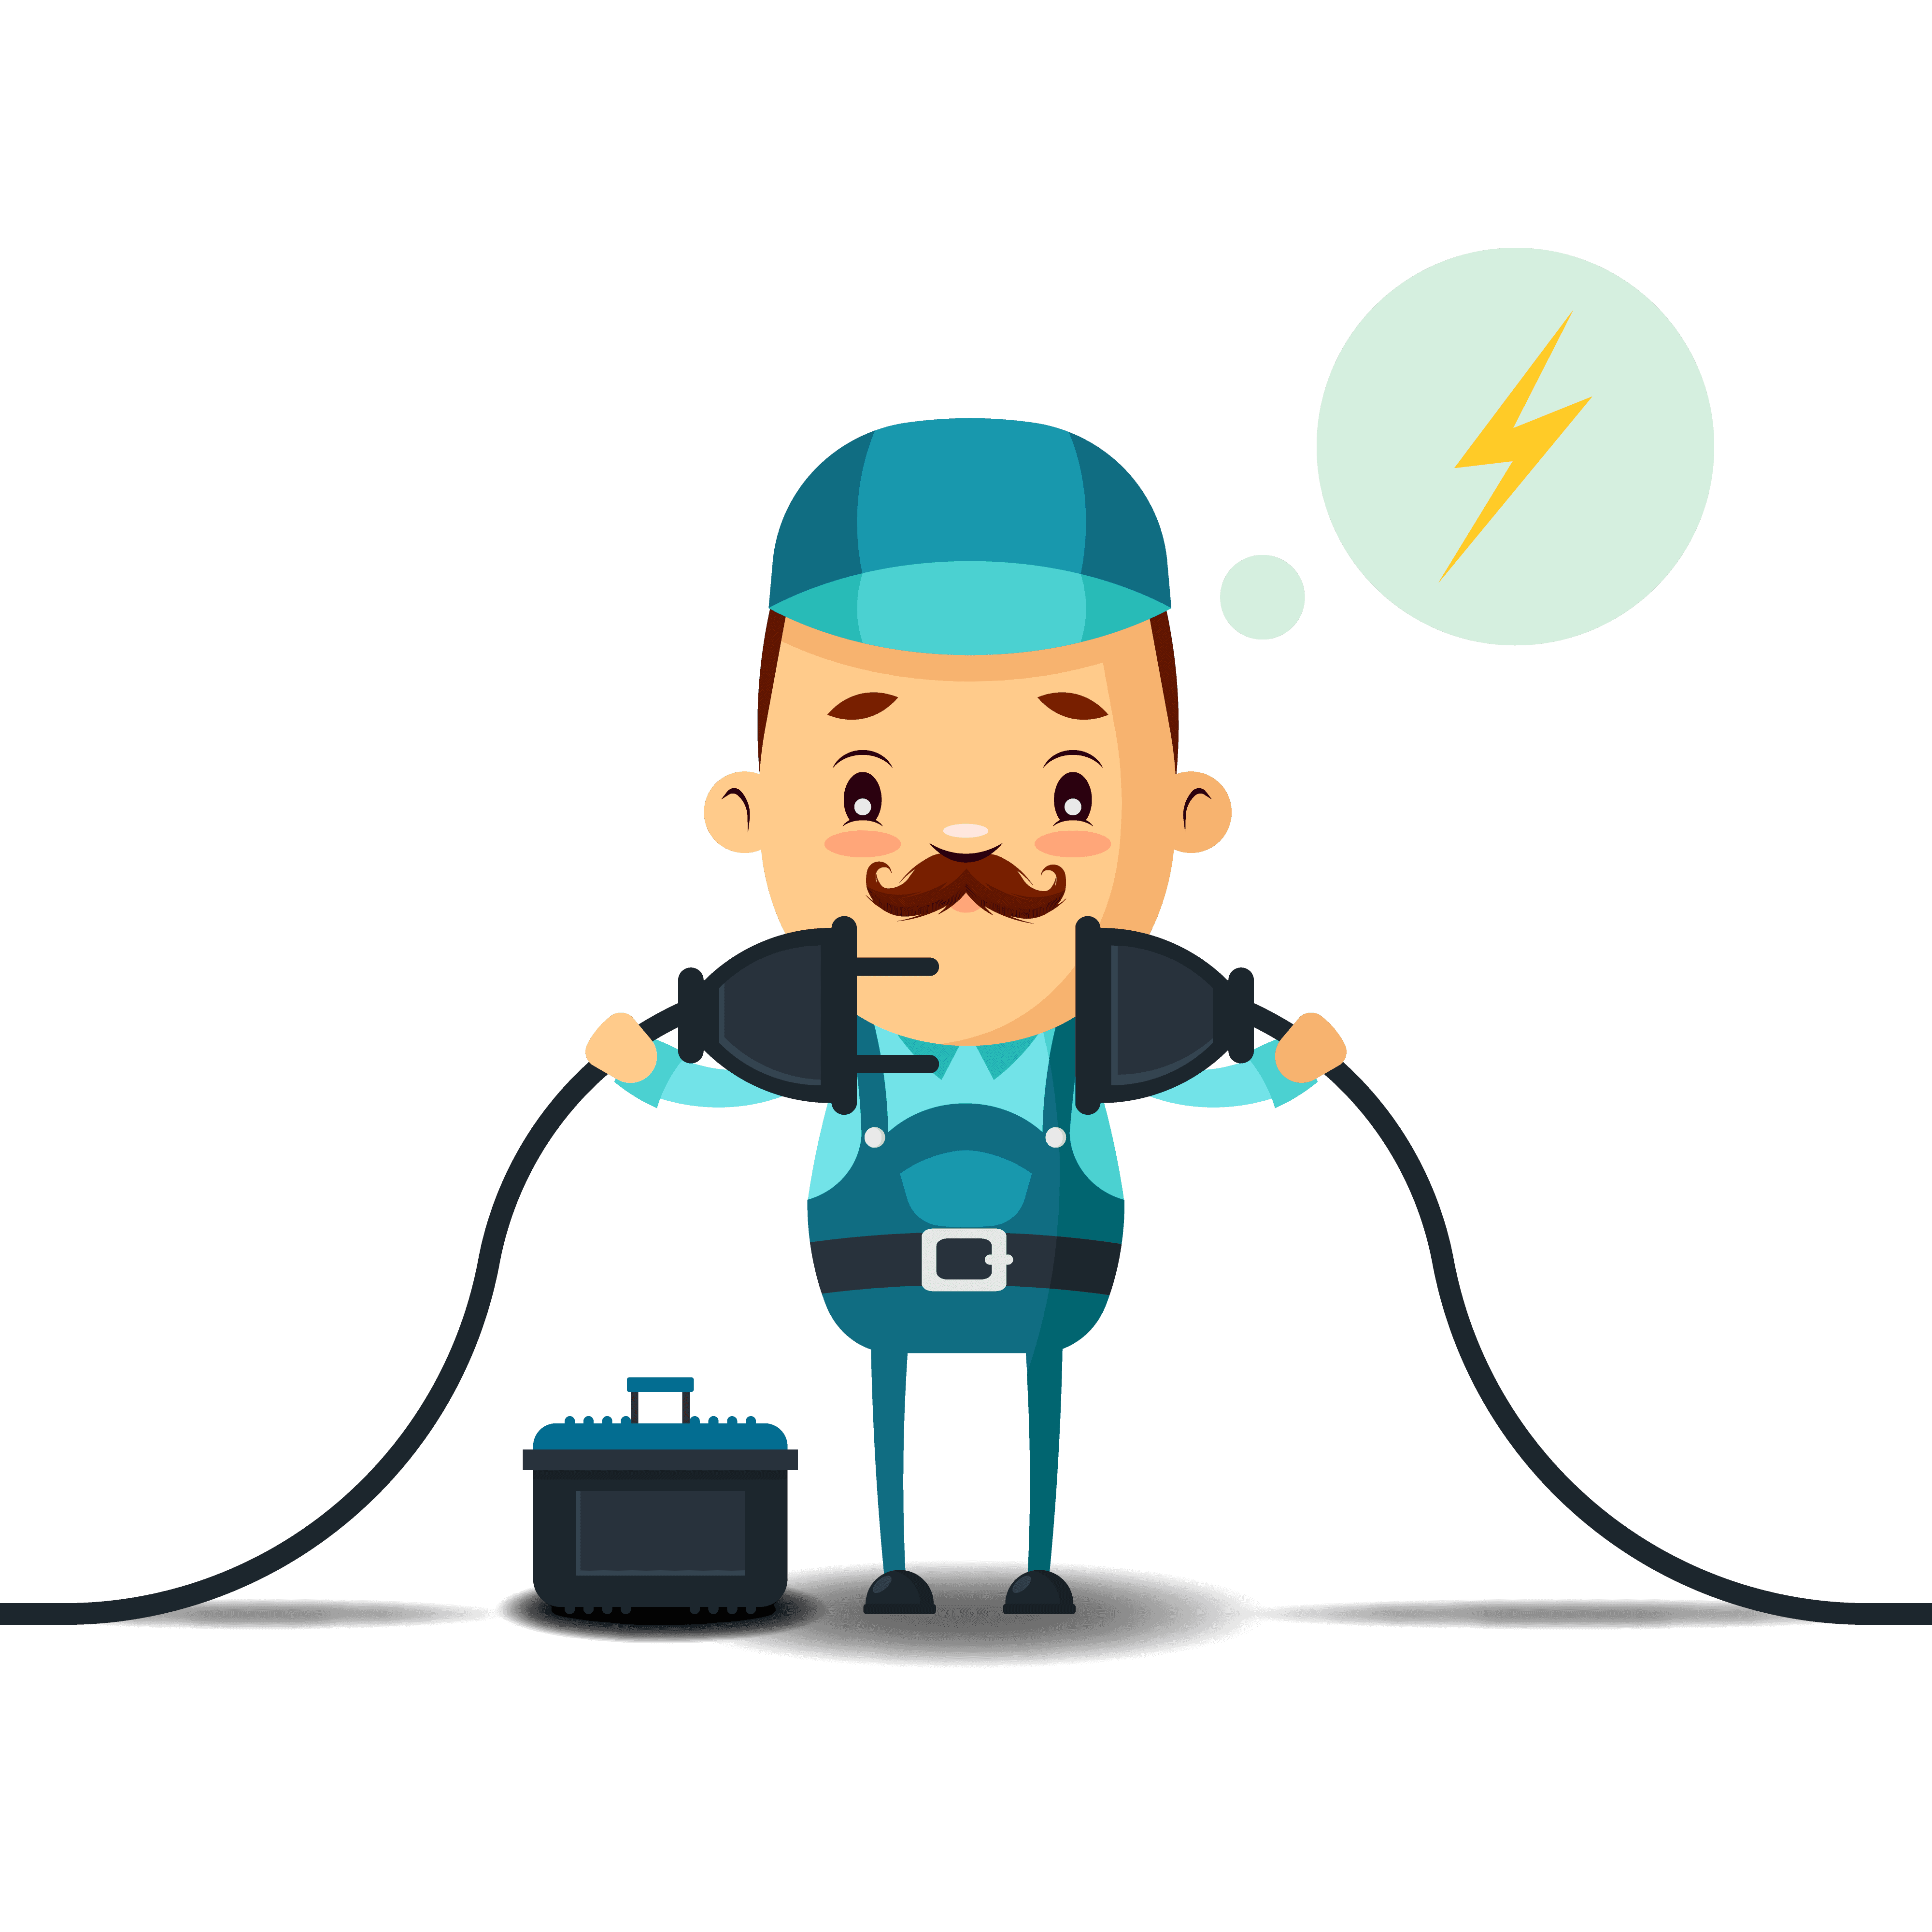 Icona di un elettricista che collega una spina a una presa